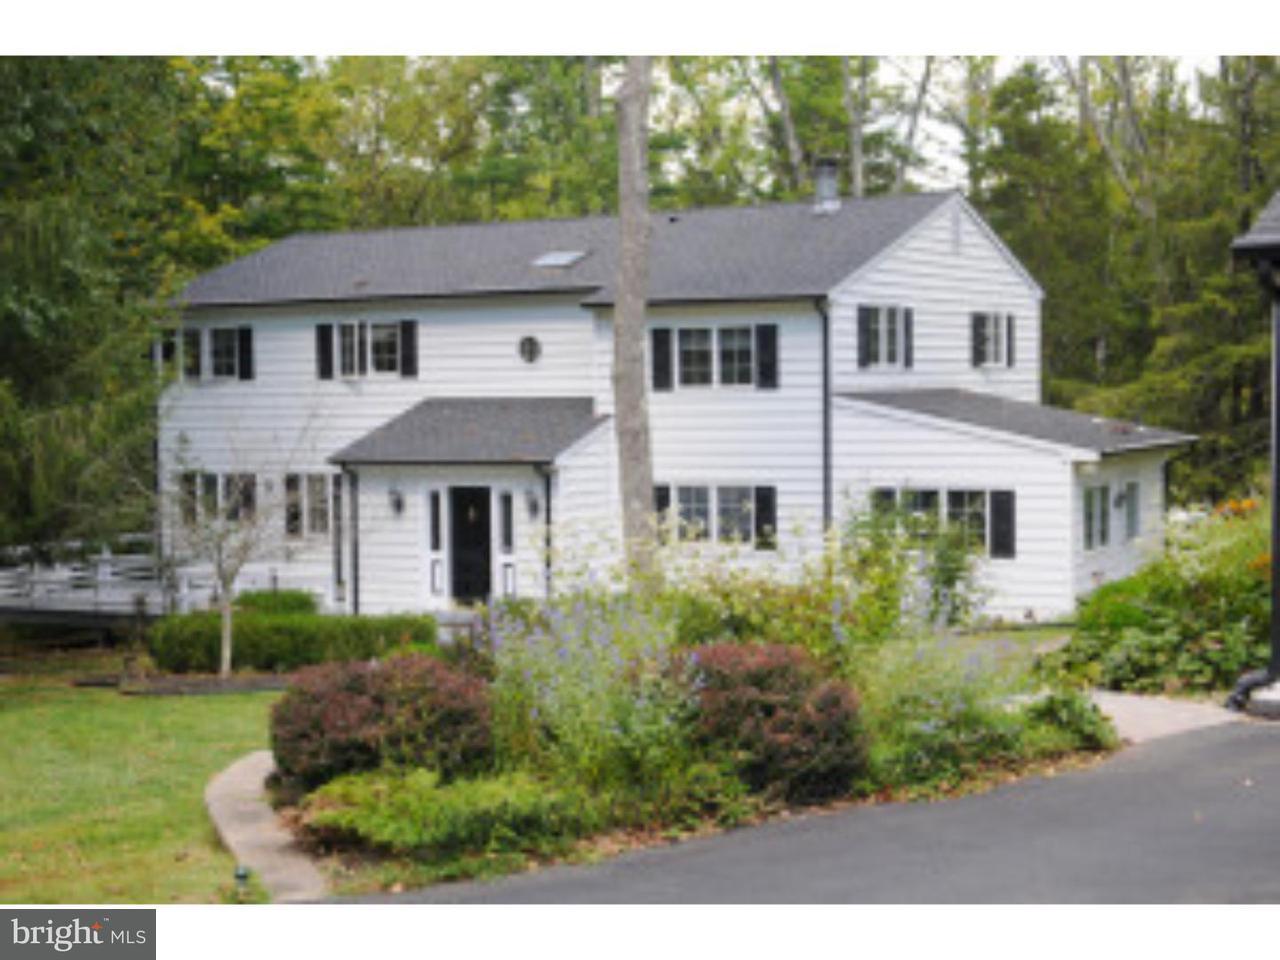 Частный односемейный дом для того Продажа на 23 CEDAR Lane Titusville, Нью-Джерси 08560 Соединенные ШтатыВ/Около: Hopewell Township